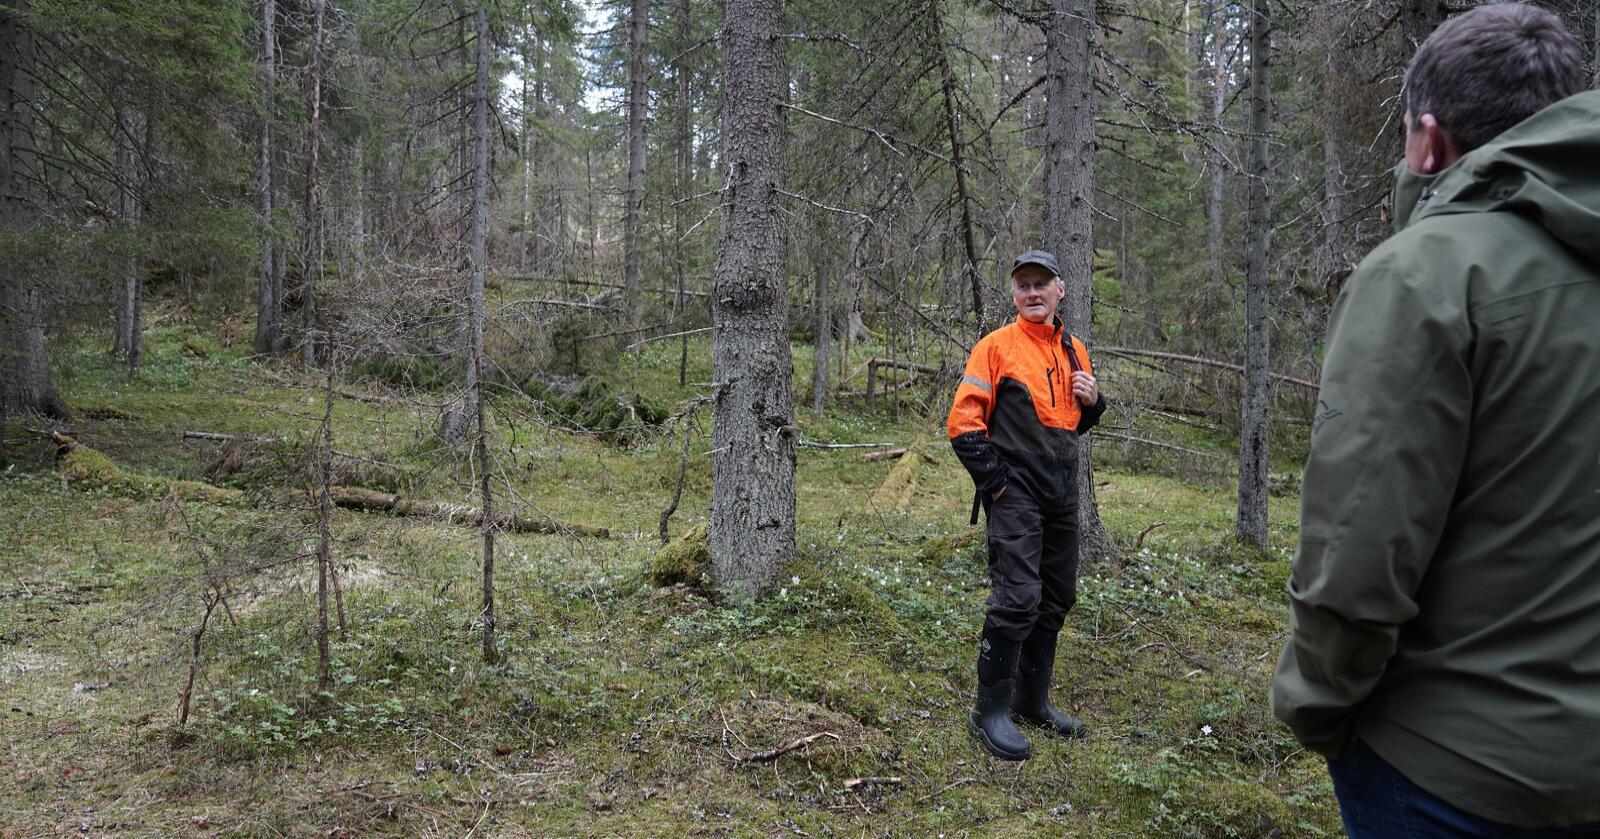 Pussig: Noen har feilregistrert en rødlistet art i skogen til Olaf Godli. Det skaper trøbbel for skogbruket. Foto: Andrea Sørøy